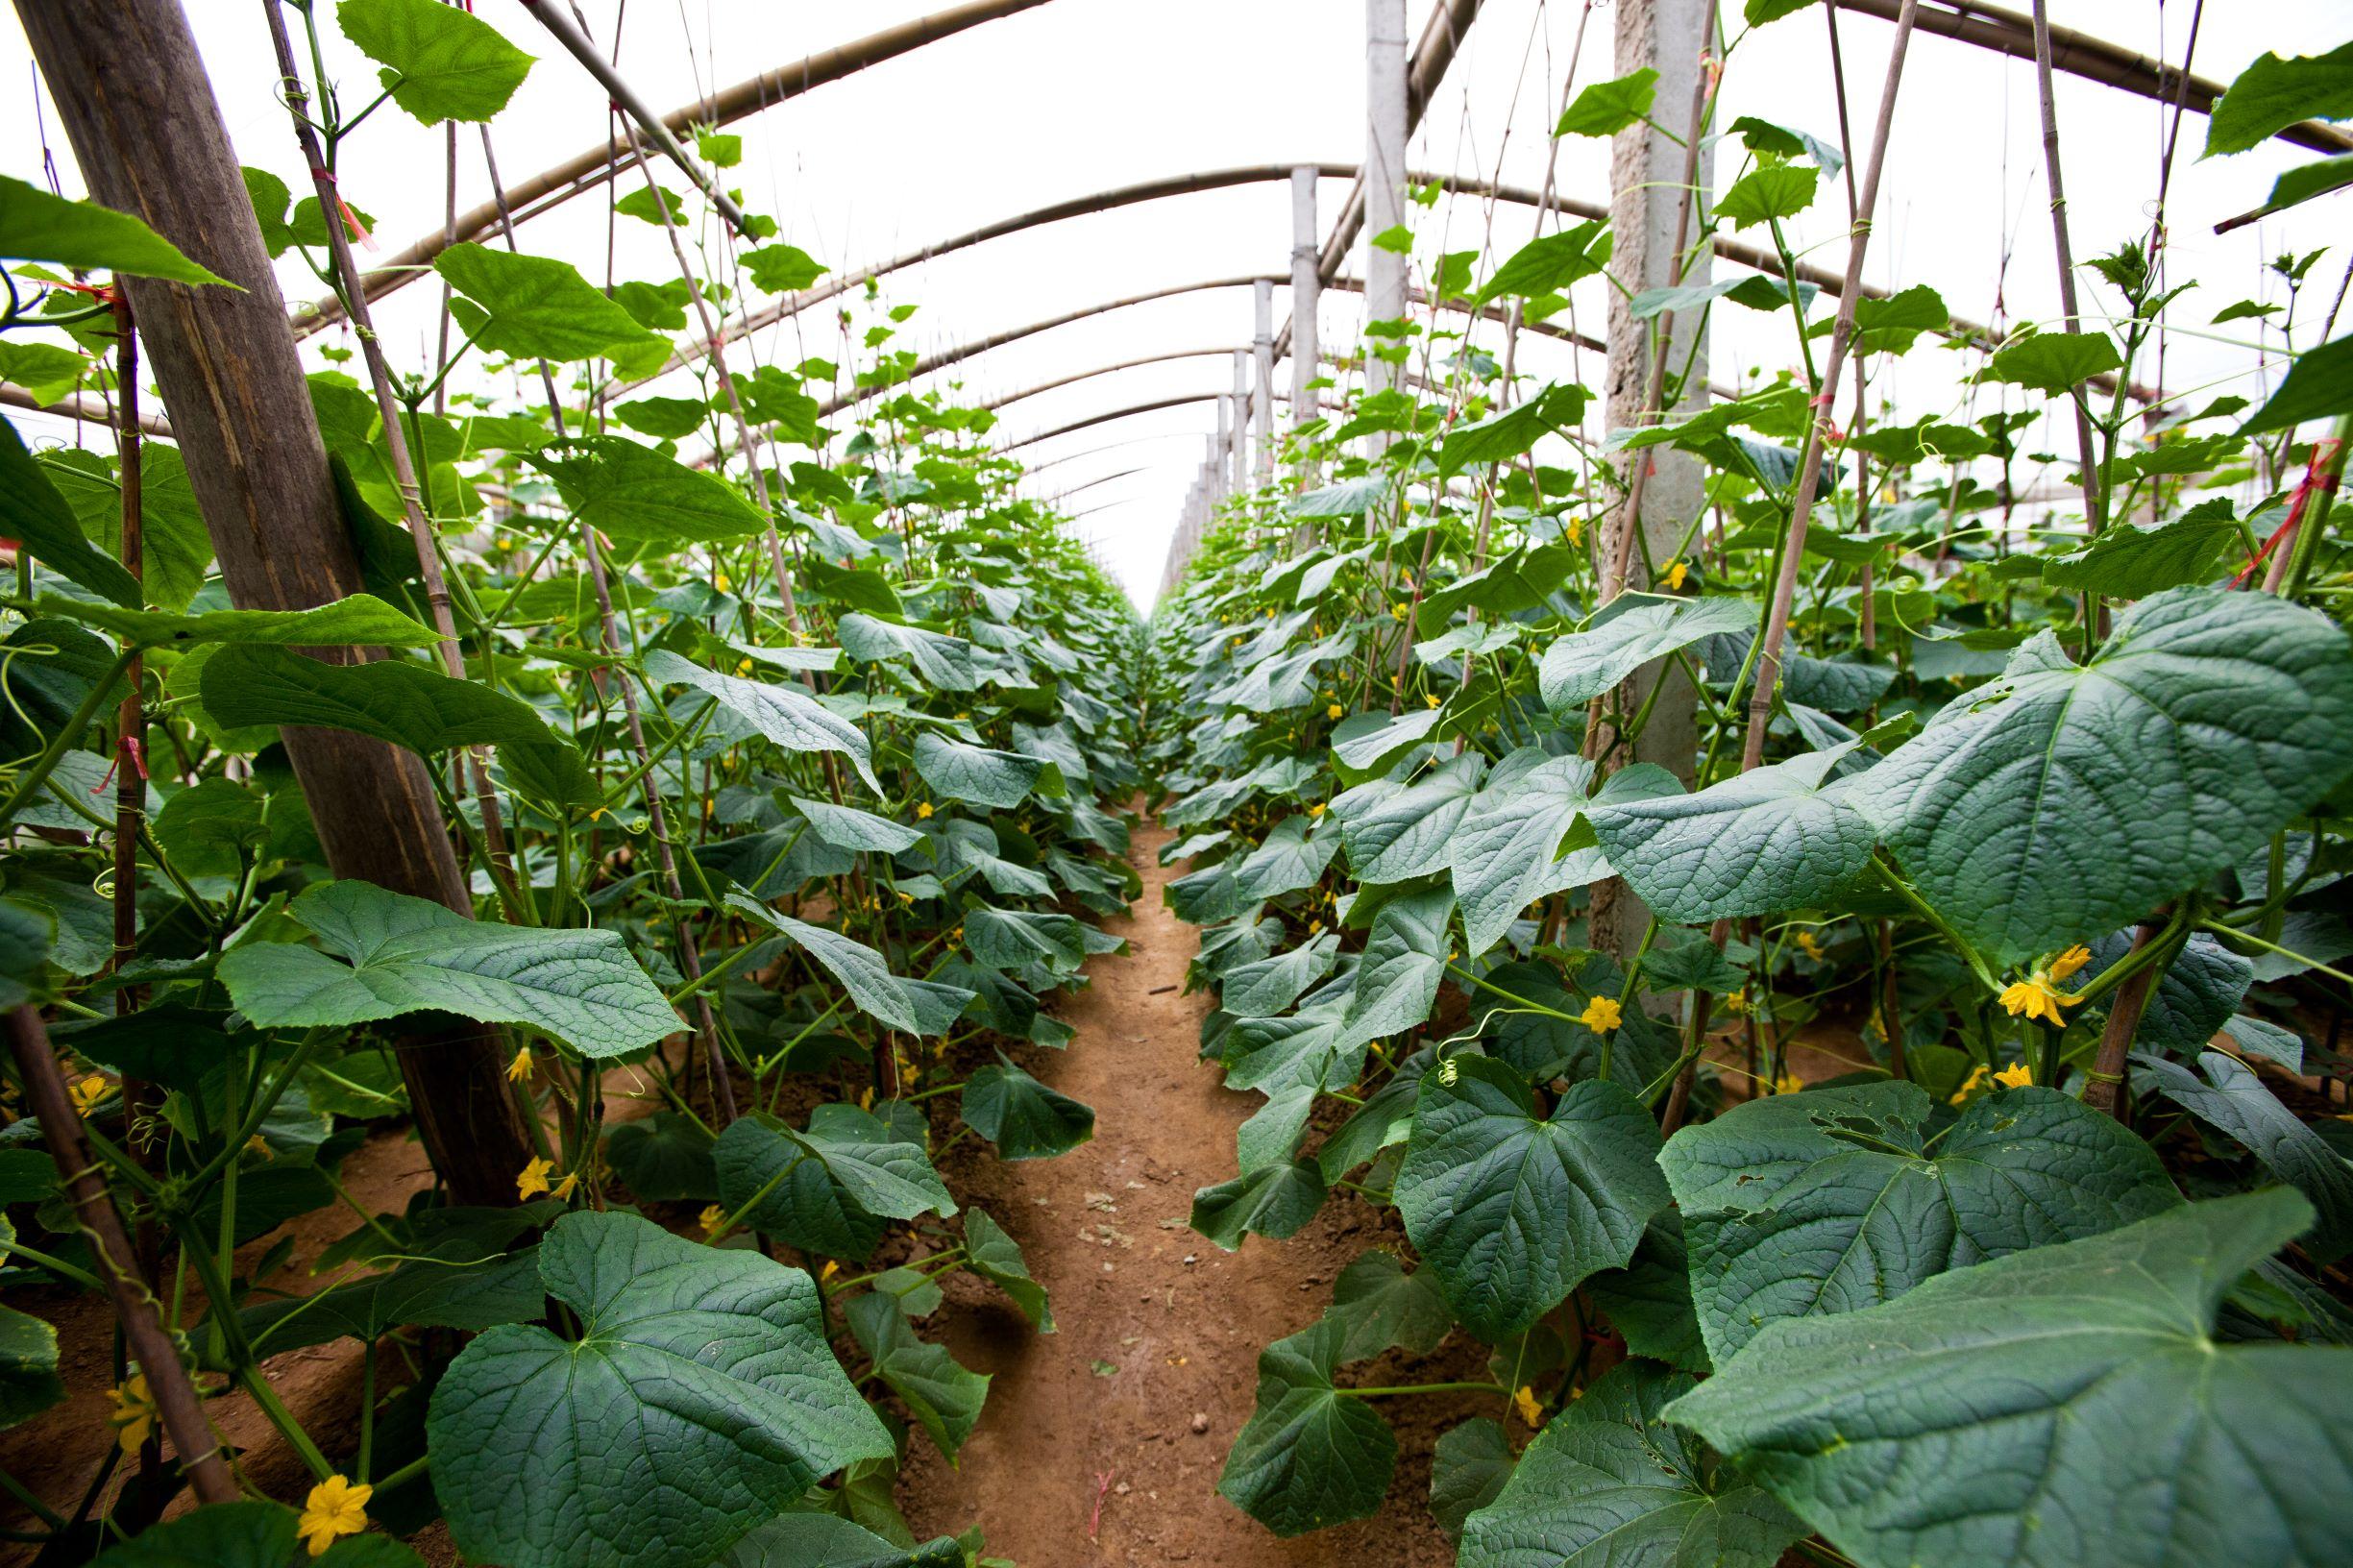 La producción de pepino en cultivos protegidos | Seminis